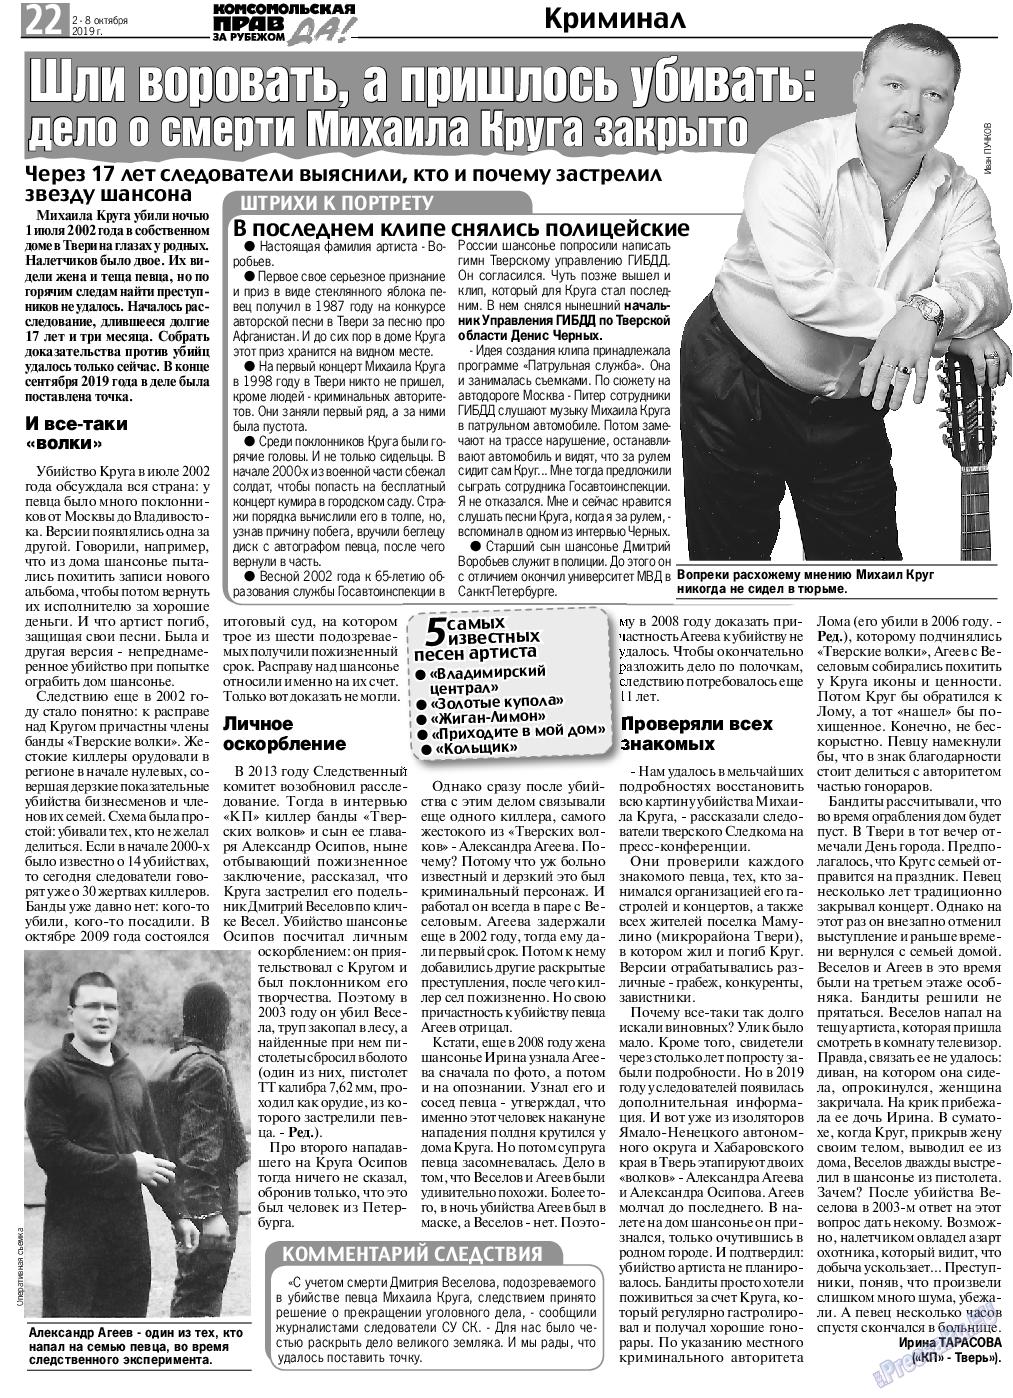 КП в Европе (газета). 2019 год, номер 40, стр. 22